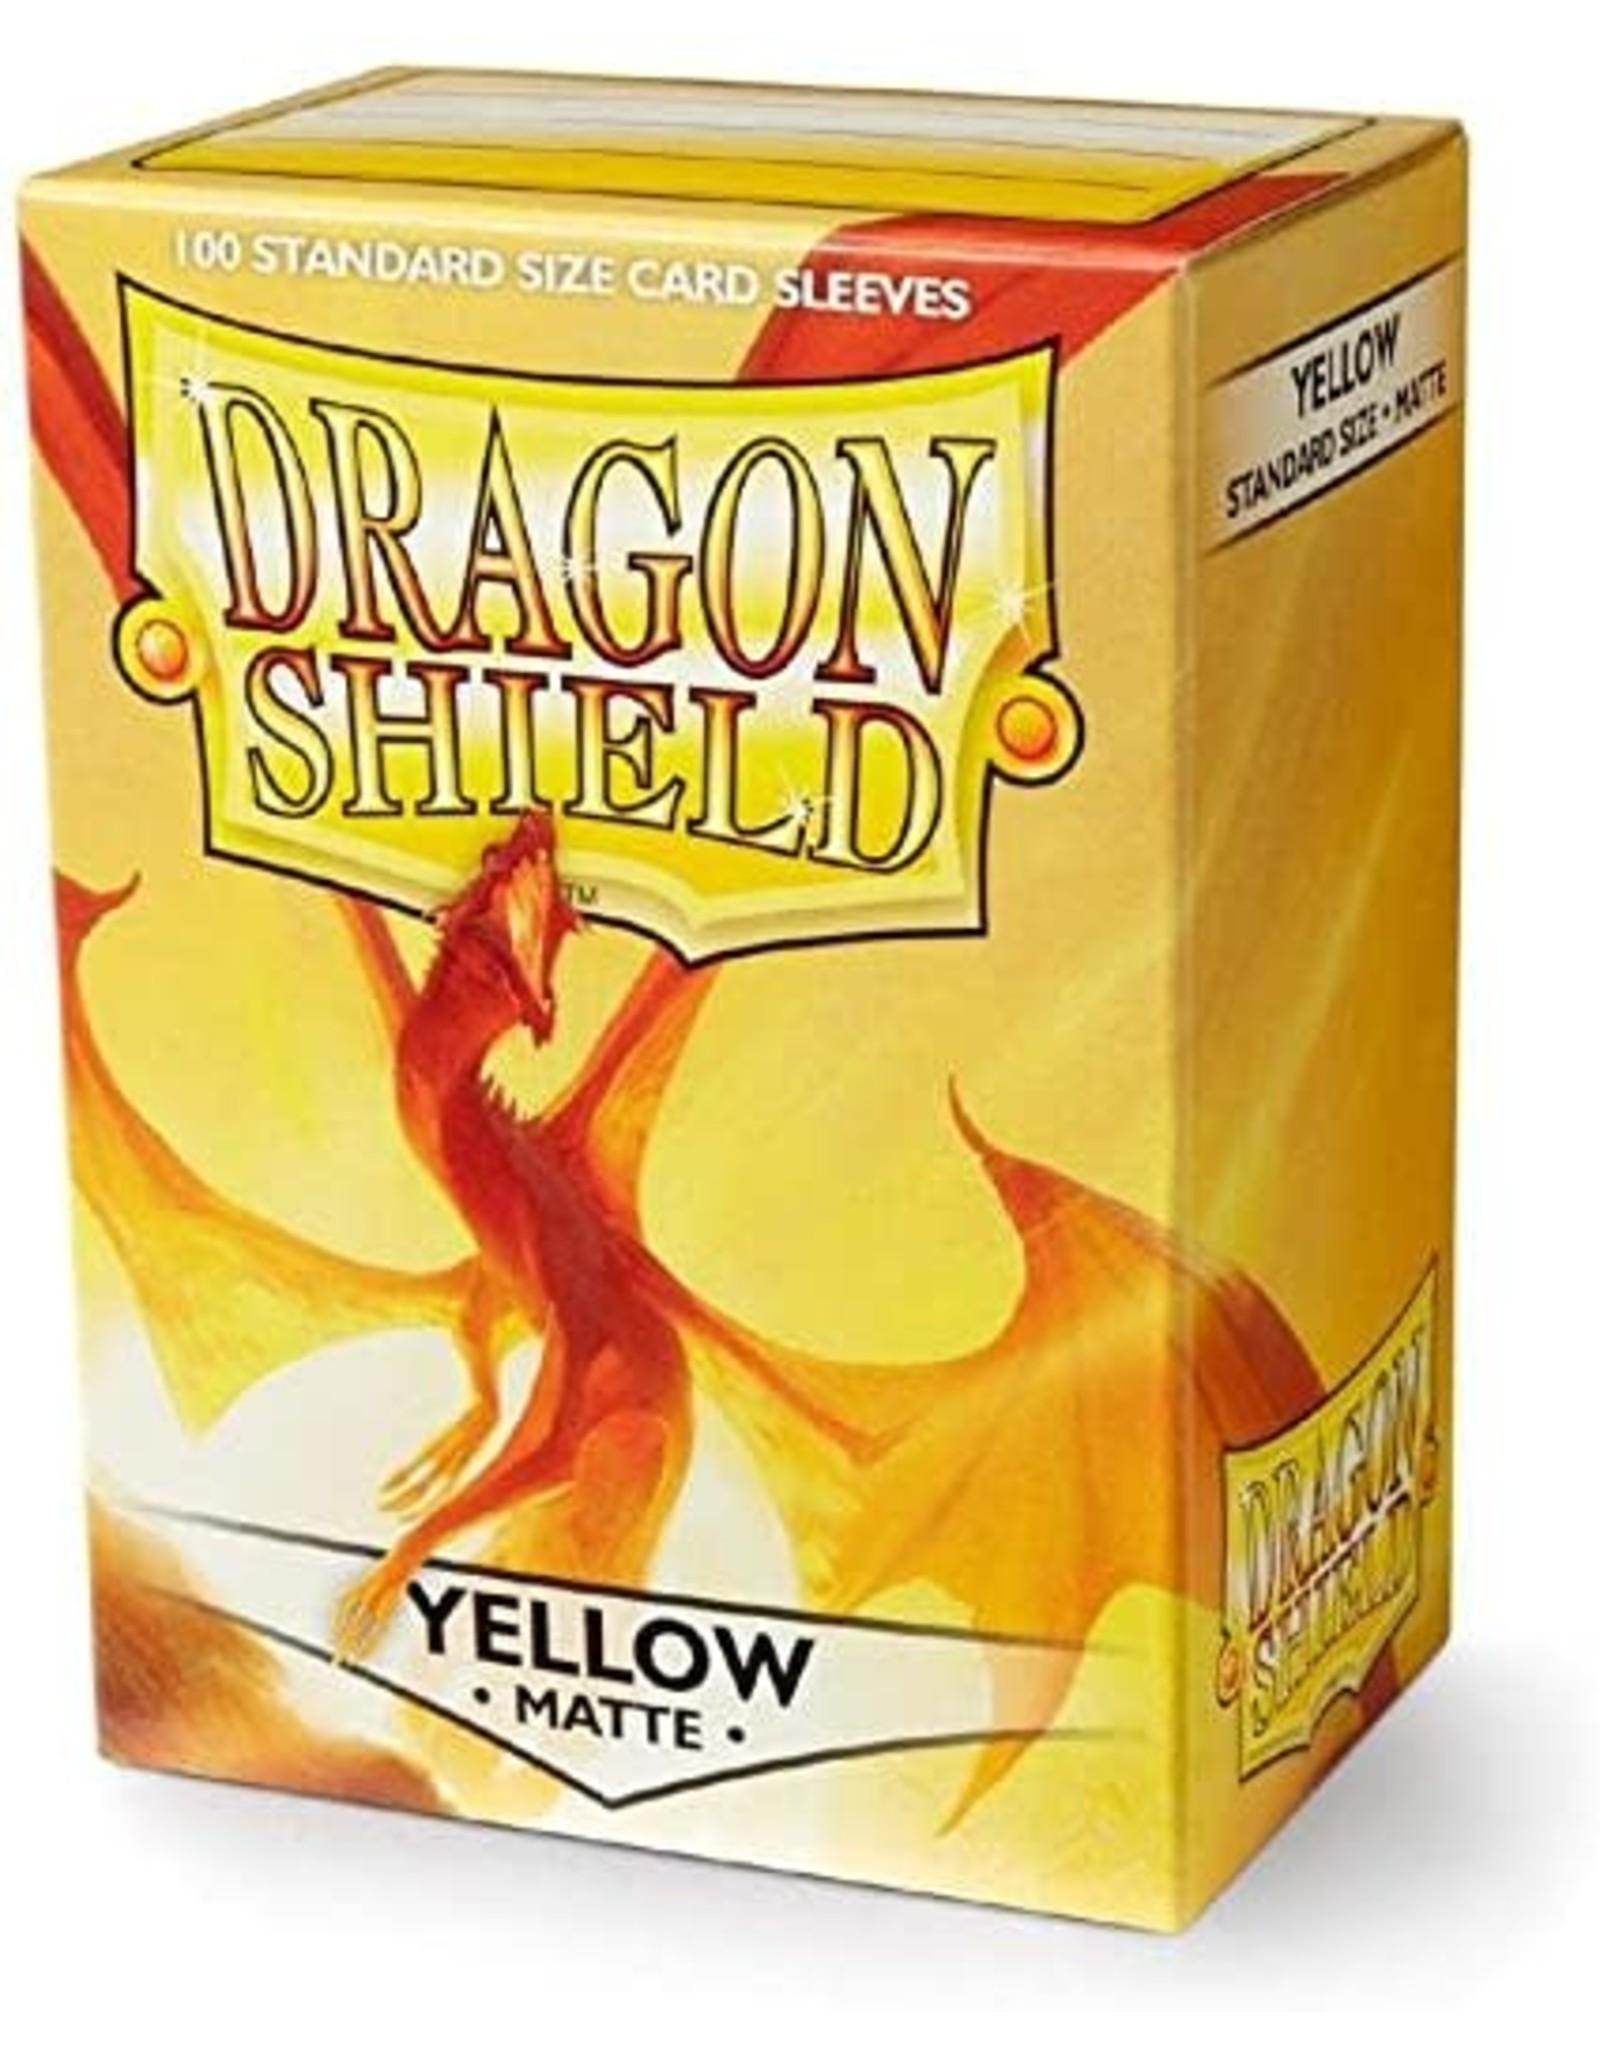 Dragon Shield Dragon Shield Matte Yellow 100ct